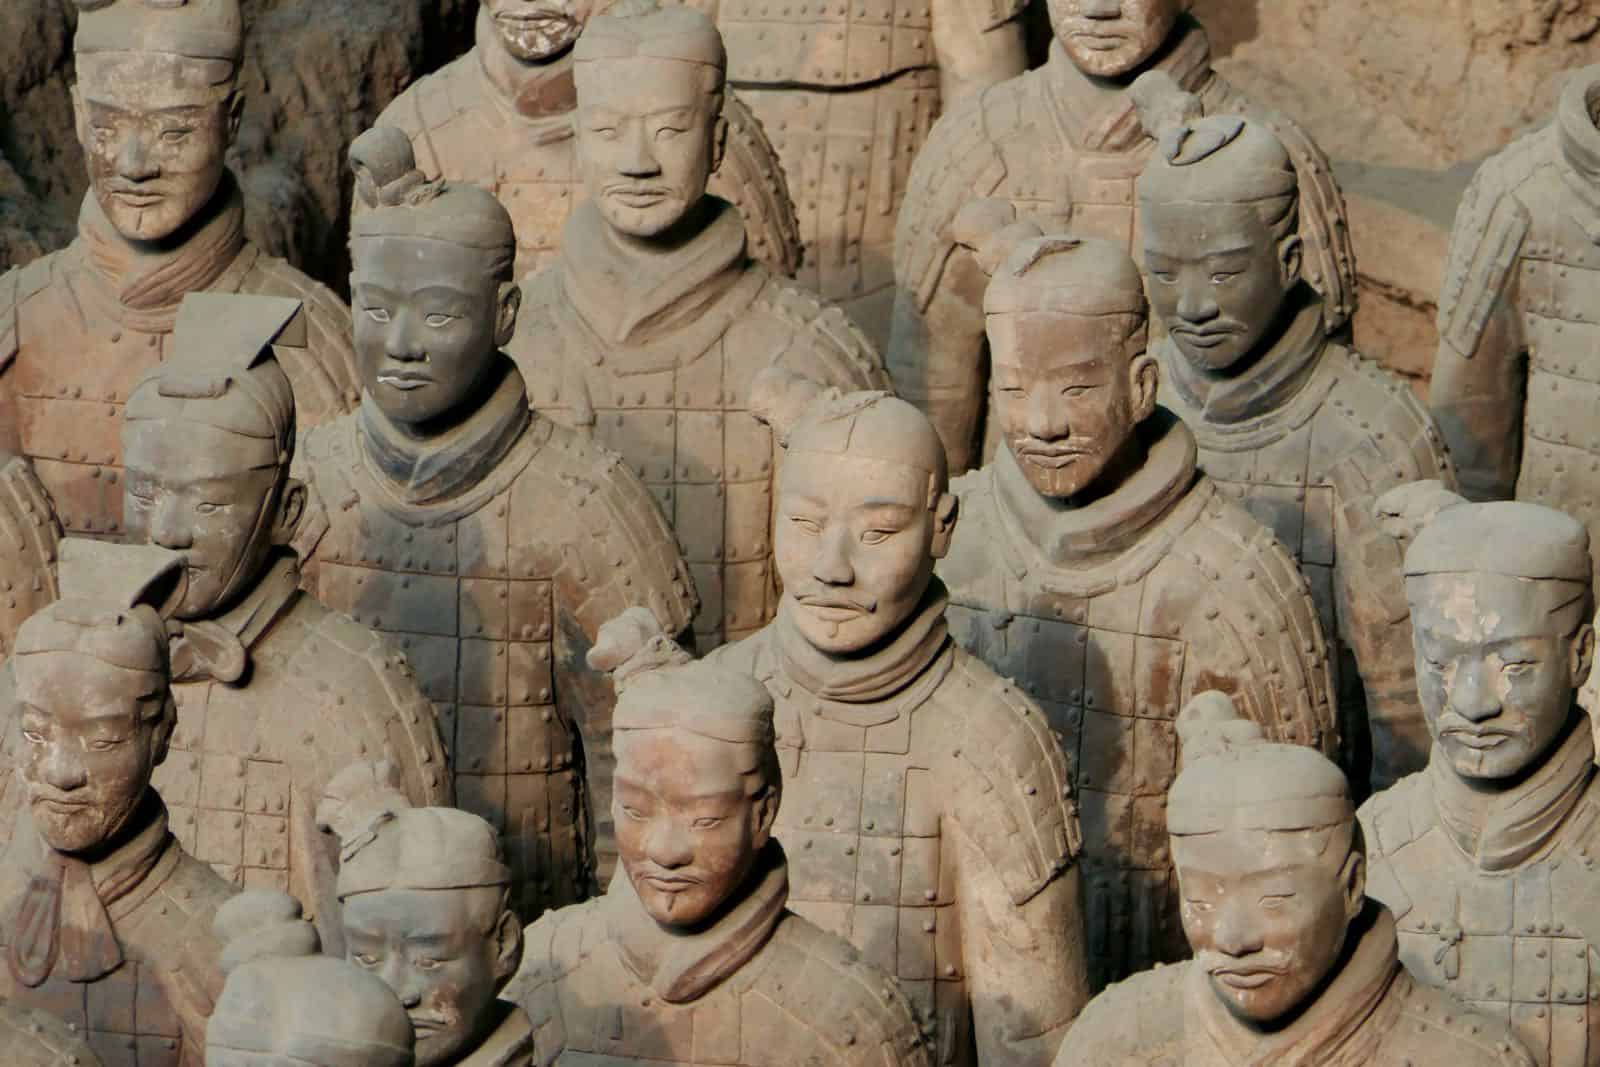 Terracotta Warriors betternotstop Xi'an China